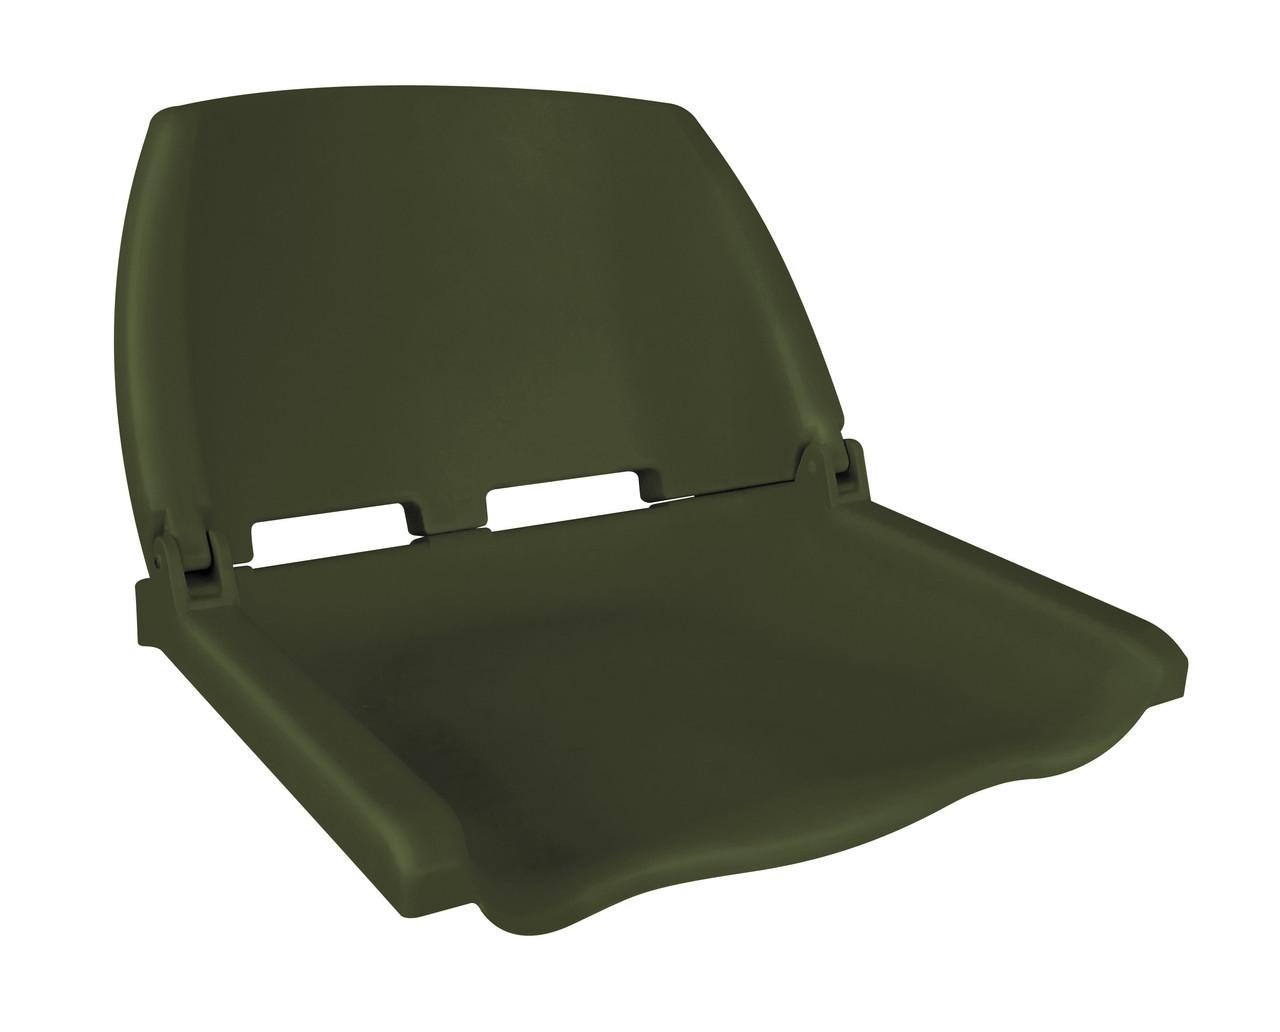 Сиденье для лодки, катера складное пластиковое 75110O оливковое